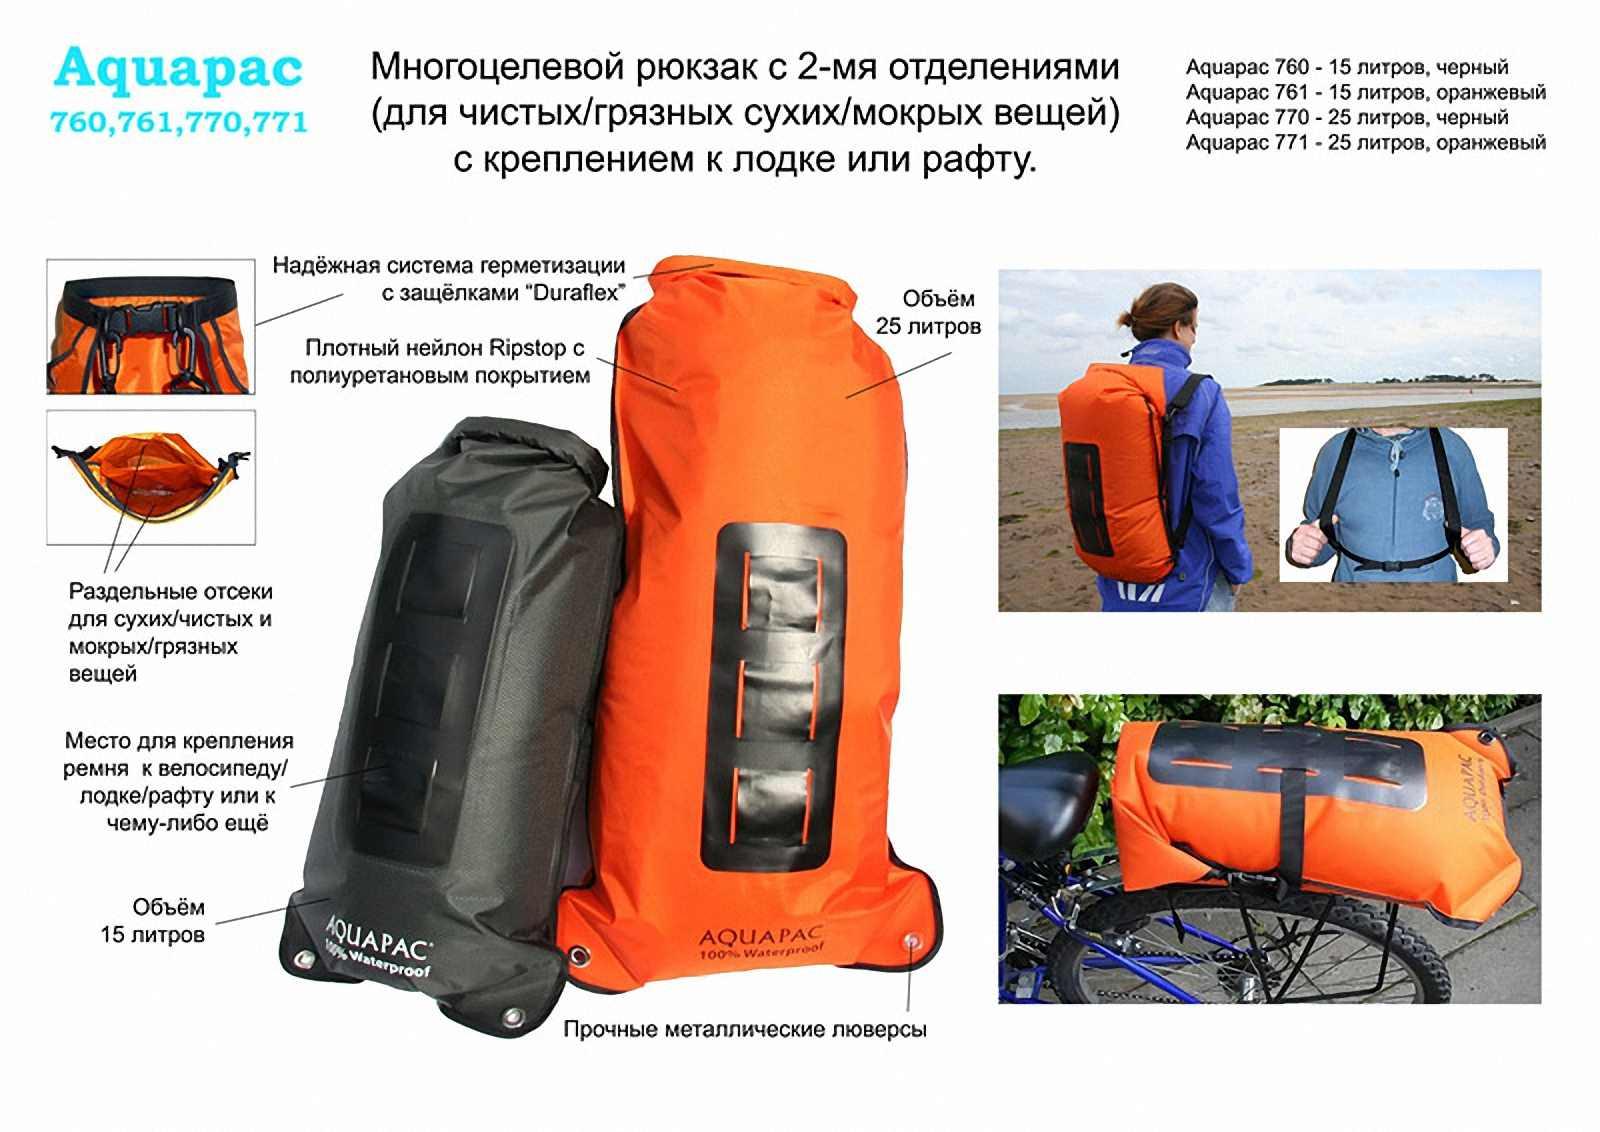 Водонепроницаемый  гермомешок-рюкзак (с двумя плечевыми ремнями) Aquapac 761 - Noatak Wet & Drybag - 15L.. Aquapac - №1 в мире водонепроницаемых чехлов и сумок. Фото 1